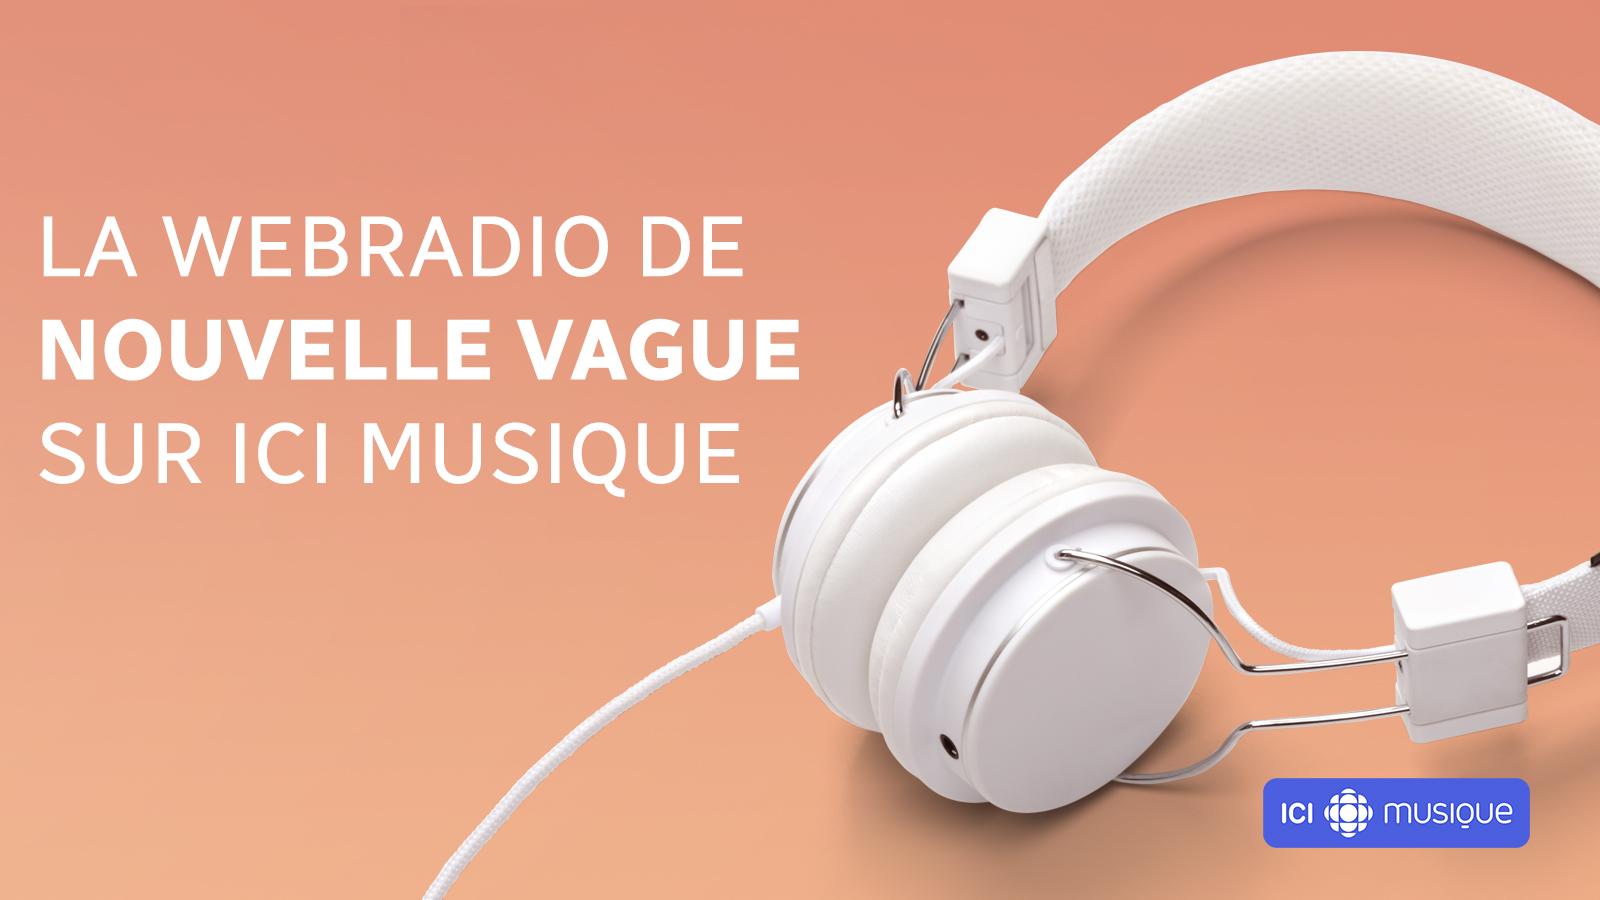 La webradio de Nouvelle vague sur ICI Musique